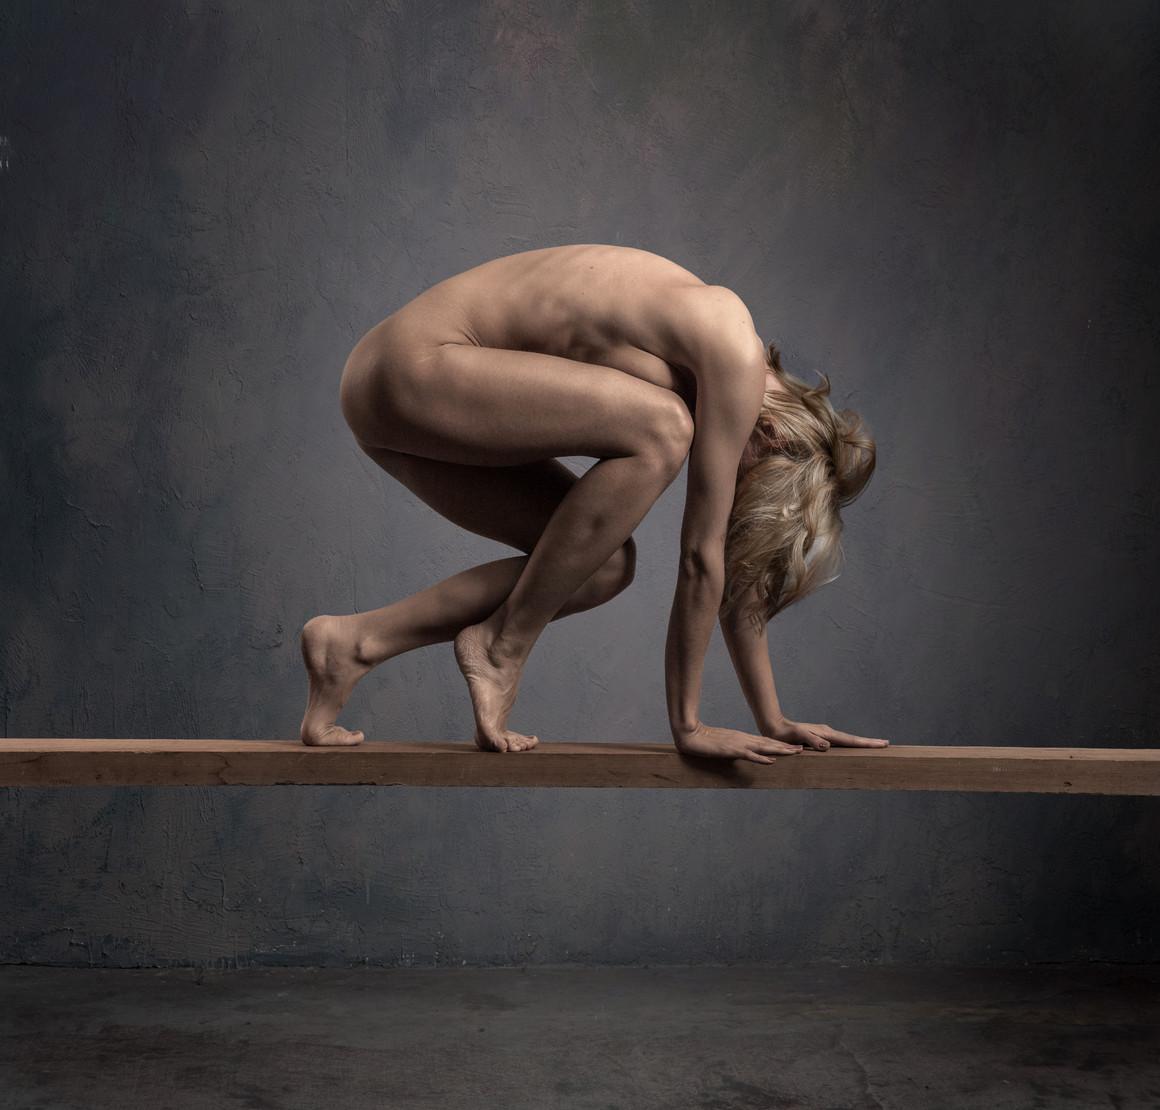 woman on wooden board in studio